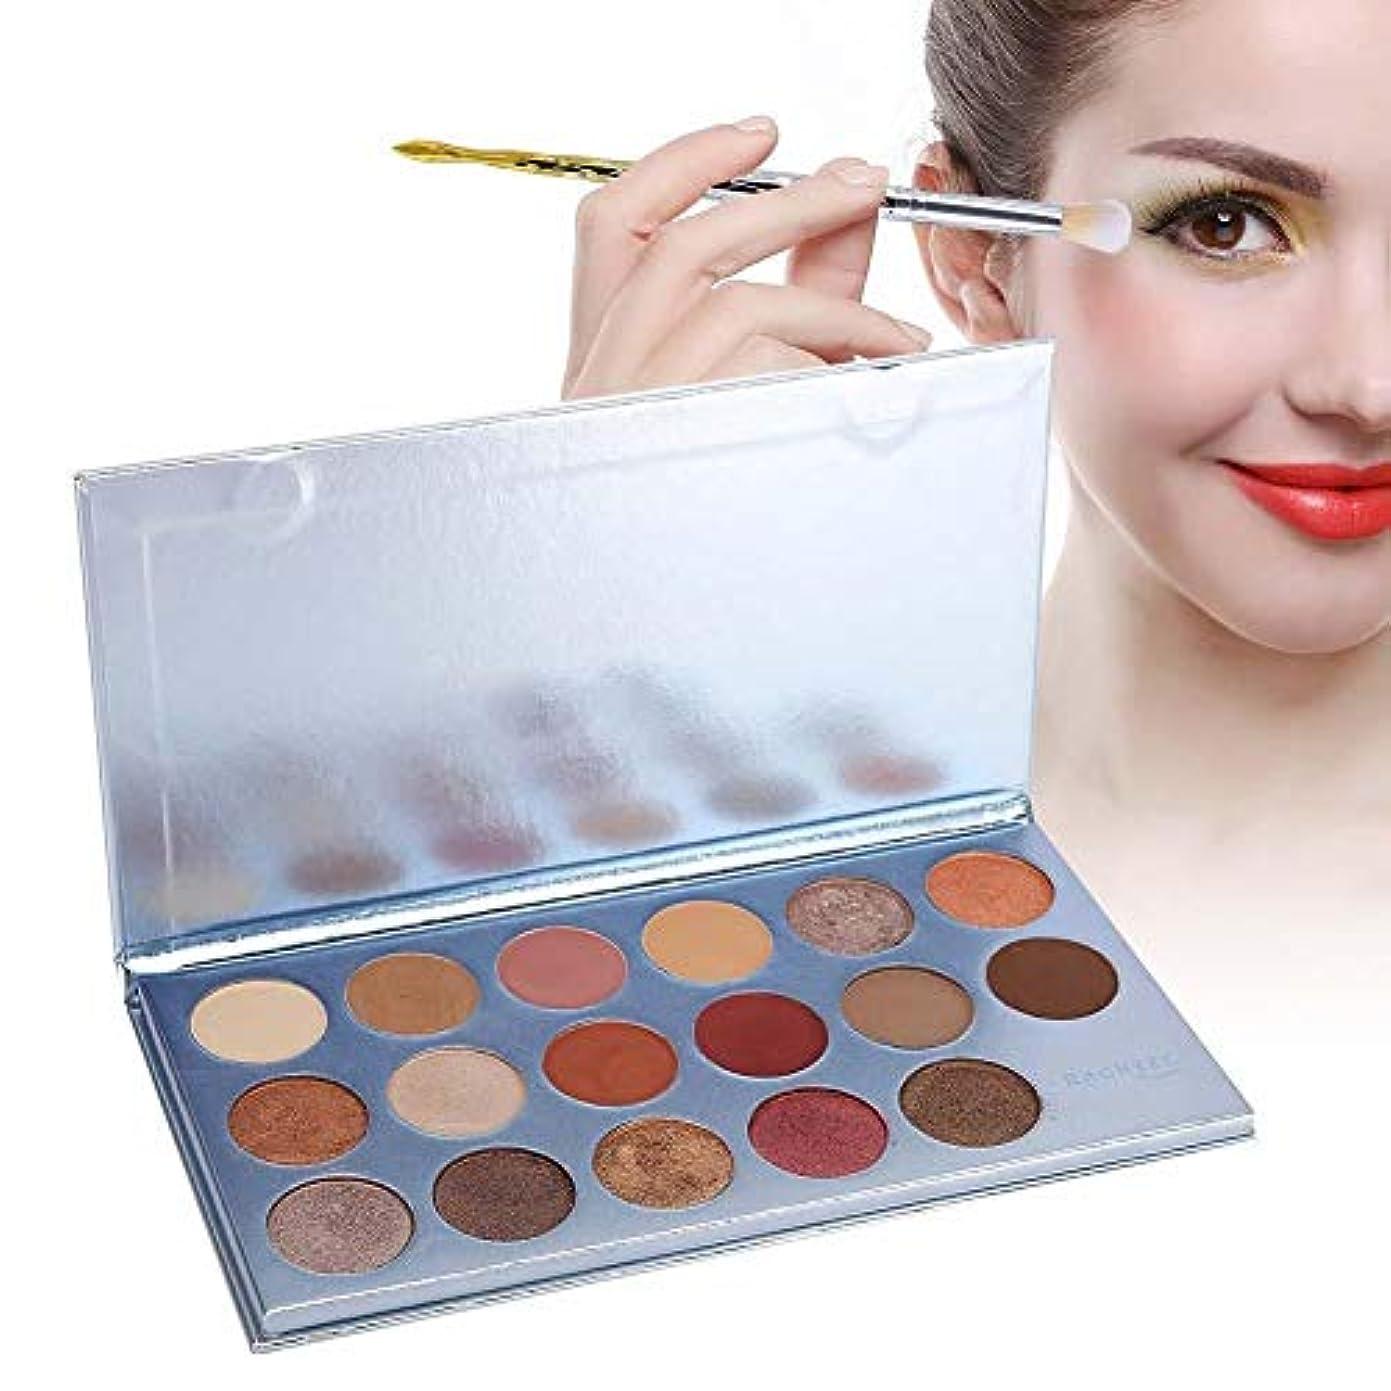 ハッピー練る抵抗17色 アイシャドウパレット アイシャドウパレット 化粧マット グロス アイシャドウパウダー 化粧品ツール